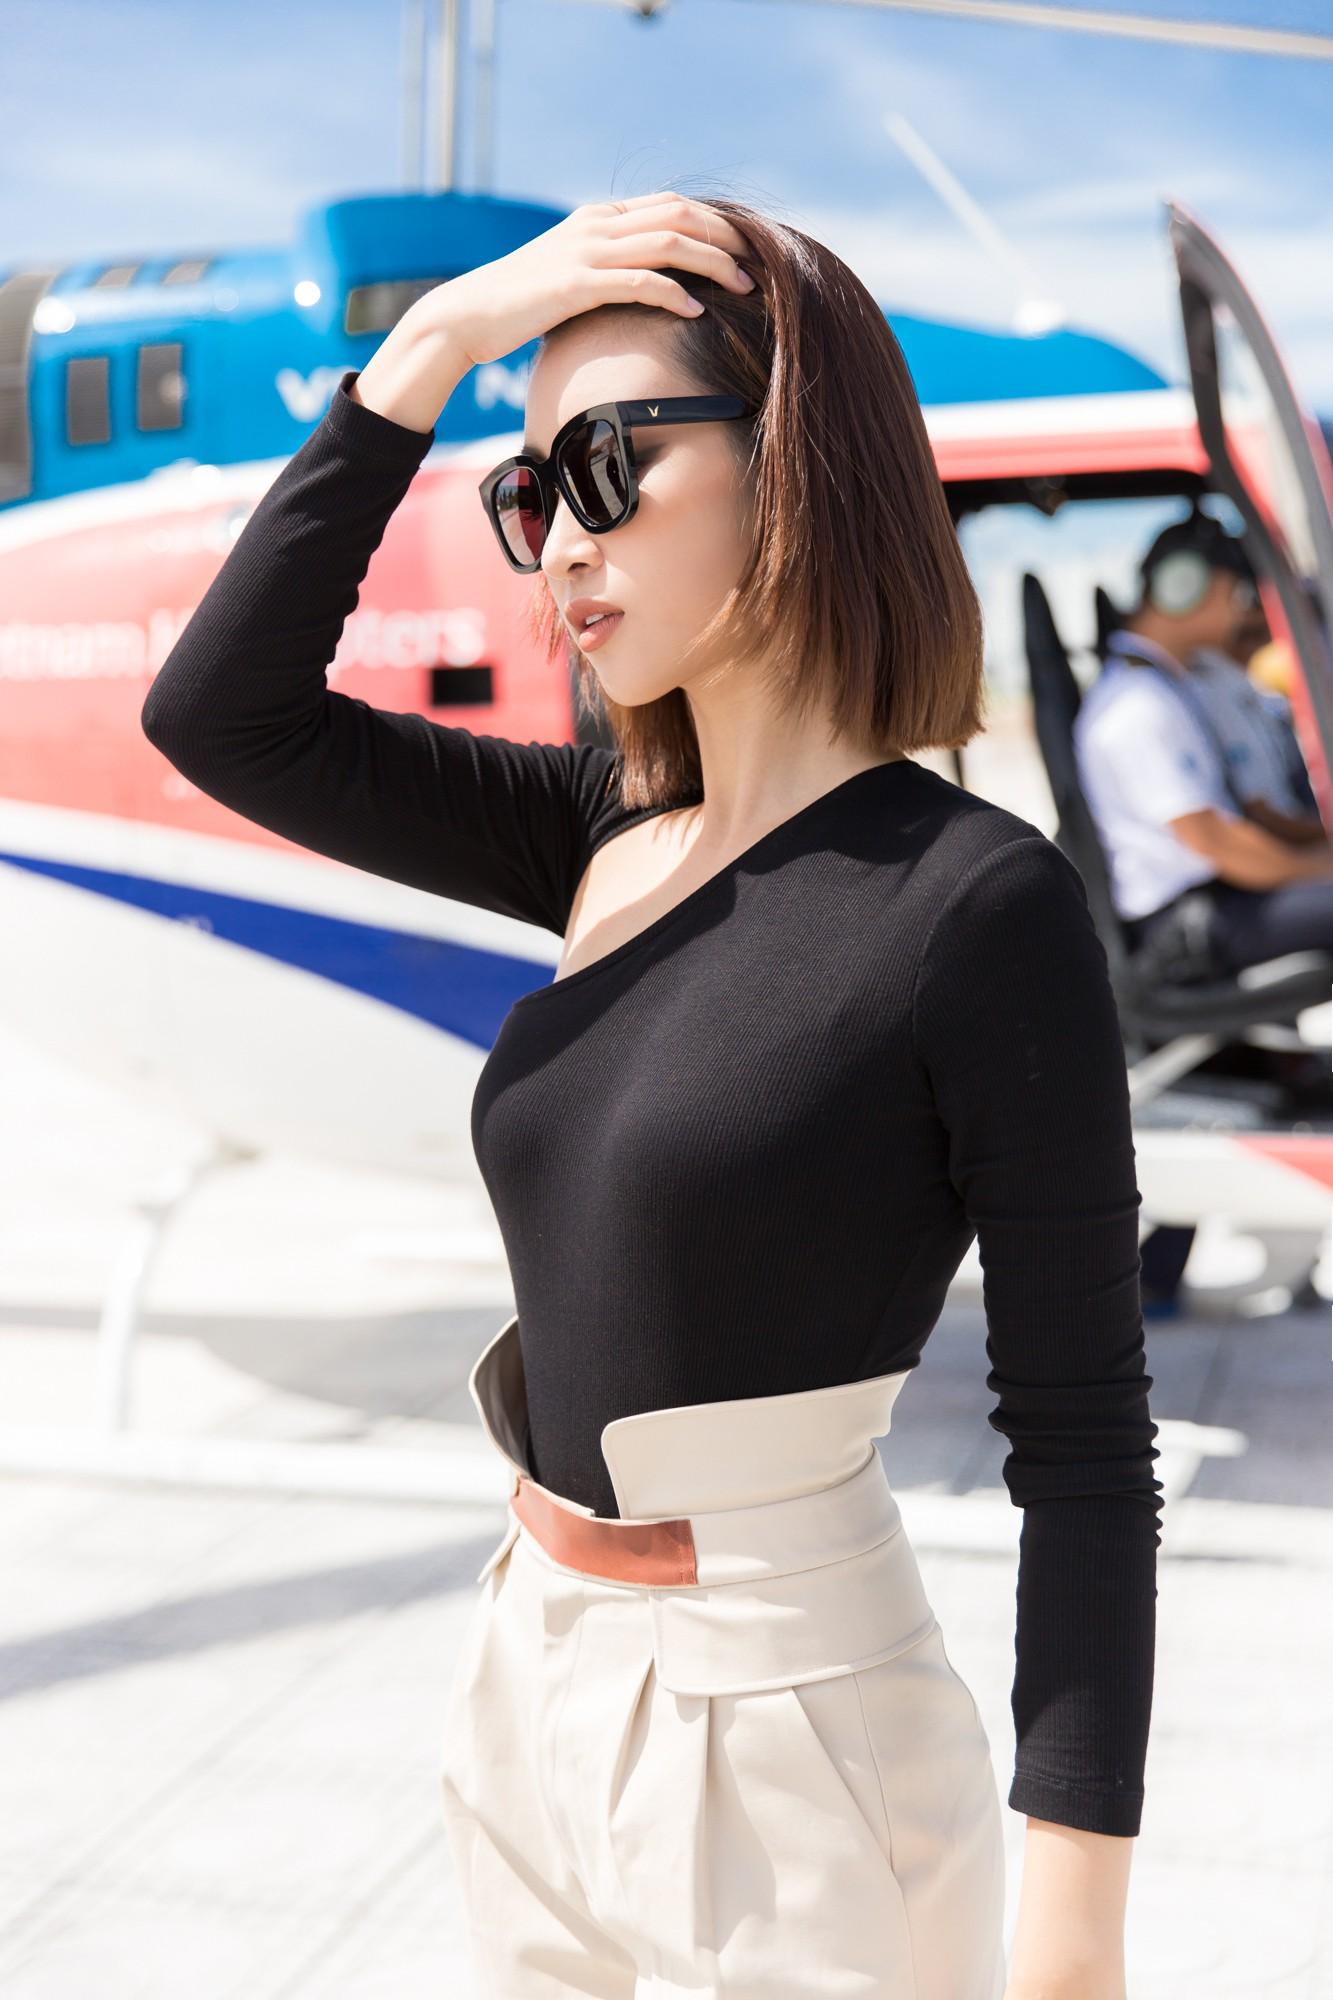 Sau tin đồn có bạn trai, Đỗ Mỹ Linh tươi tắn xuất hiện đồng hành cùng thí sinh Miss World Việt trước đêm thi quan trọng - Ảnh 3.